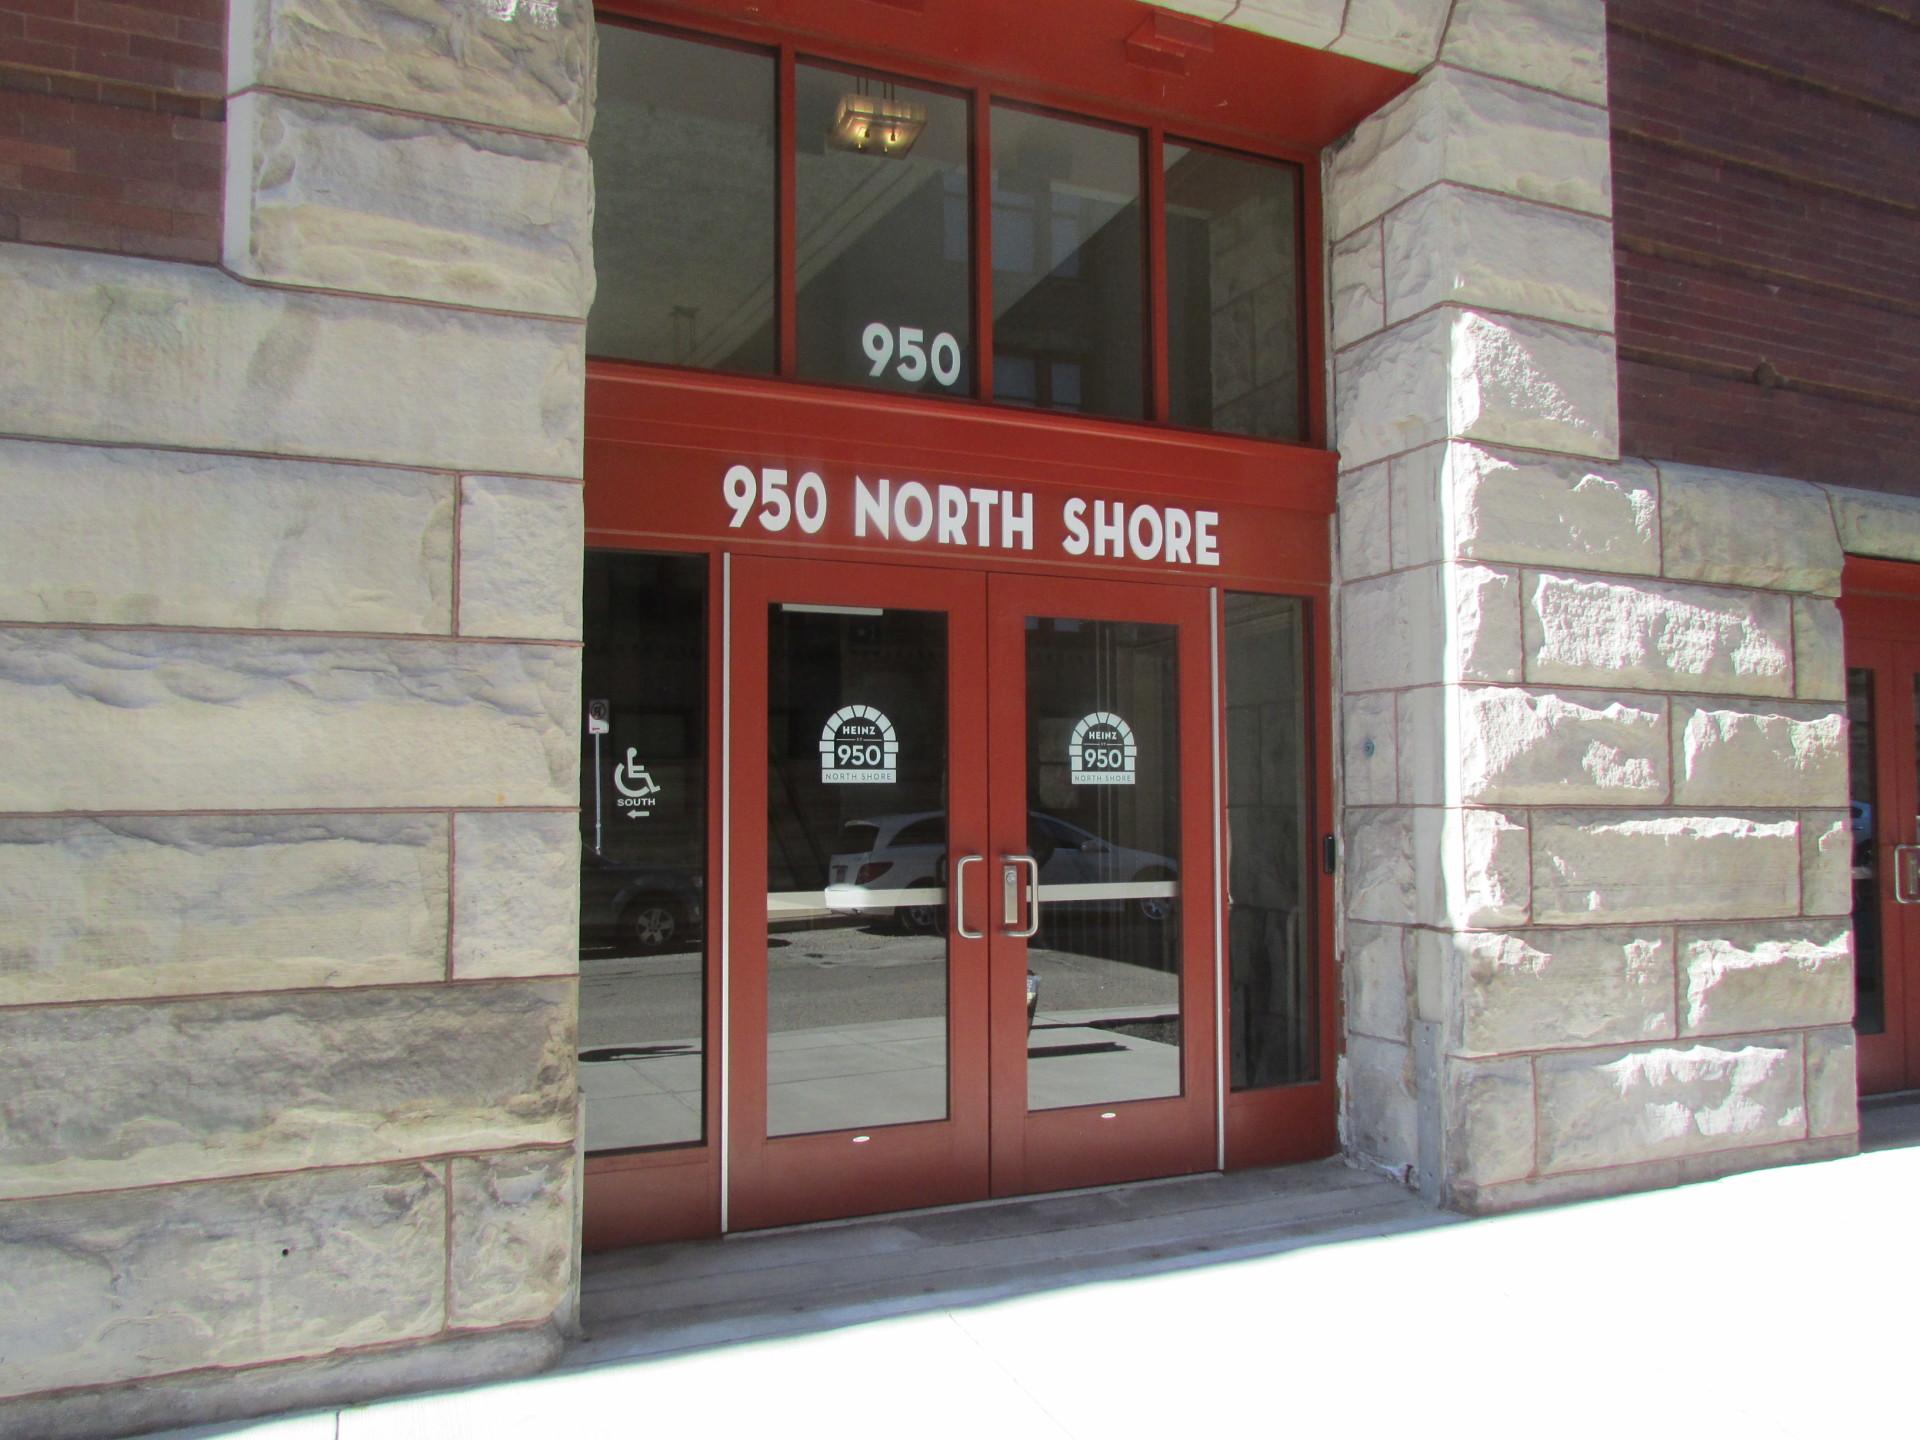 950 NORTH SHORE